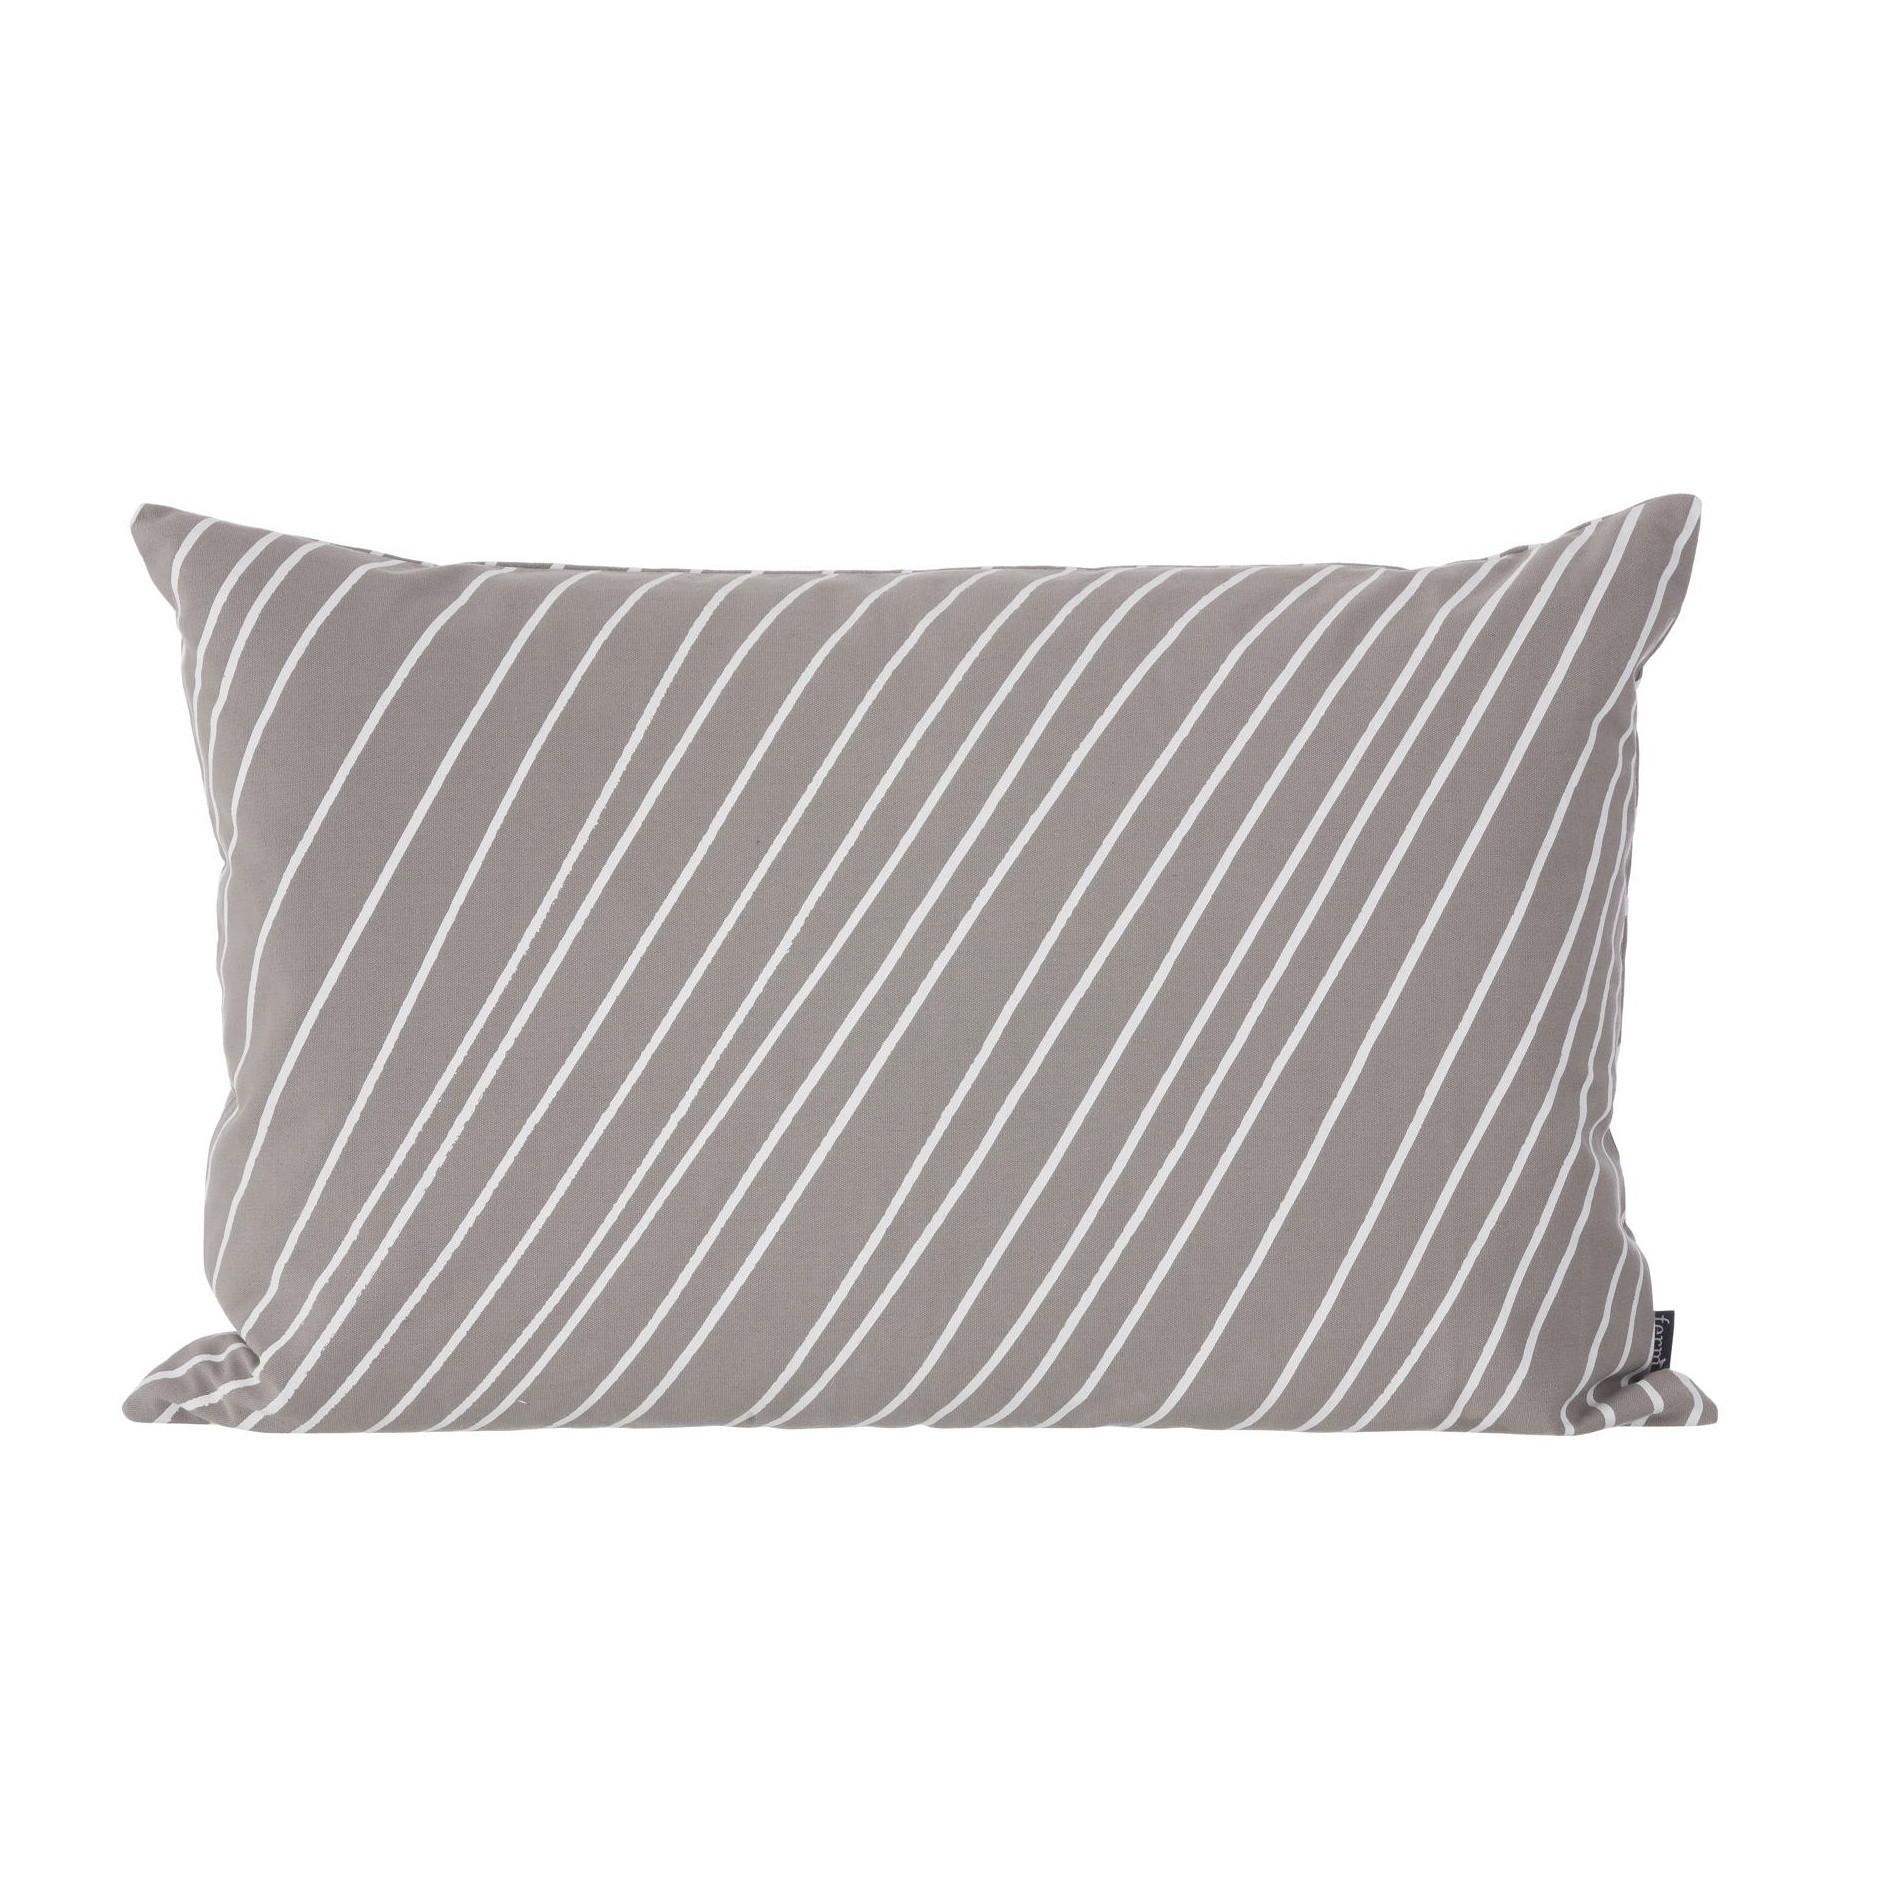 ferm living striped kissen ambientedirect. Black Bedroom Furniture Sets. Home Design Ideas